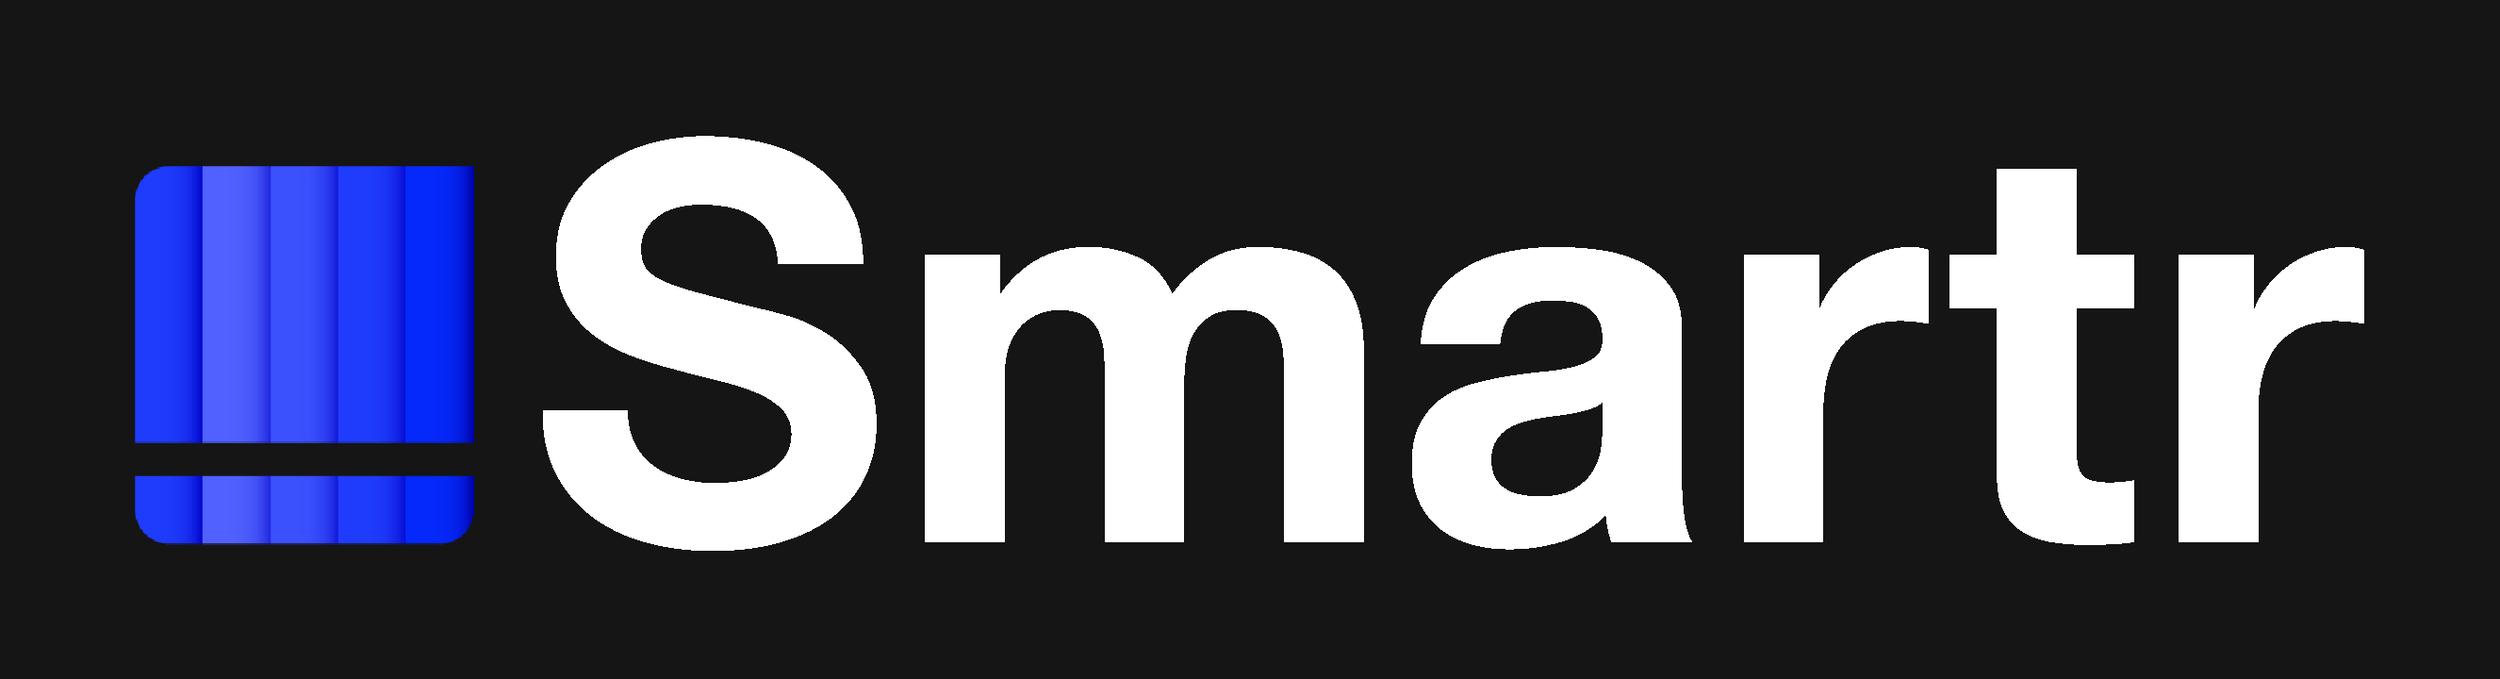 smartr-logo-original-white.png